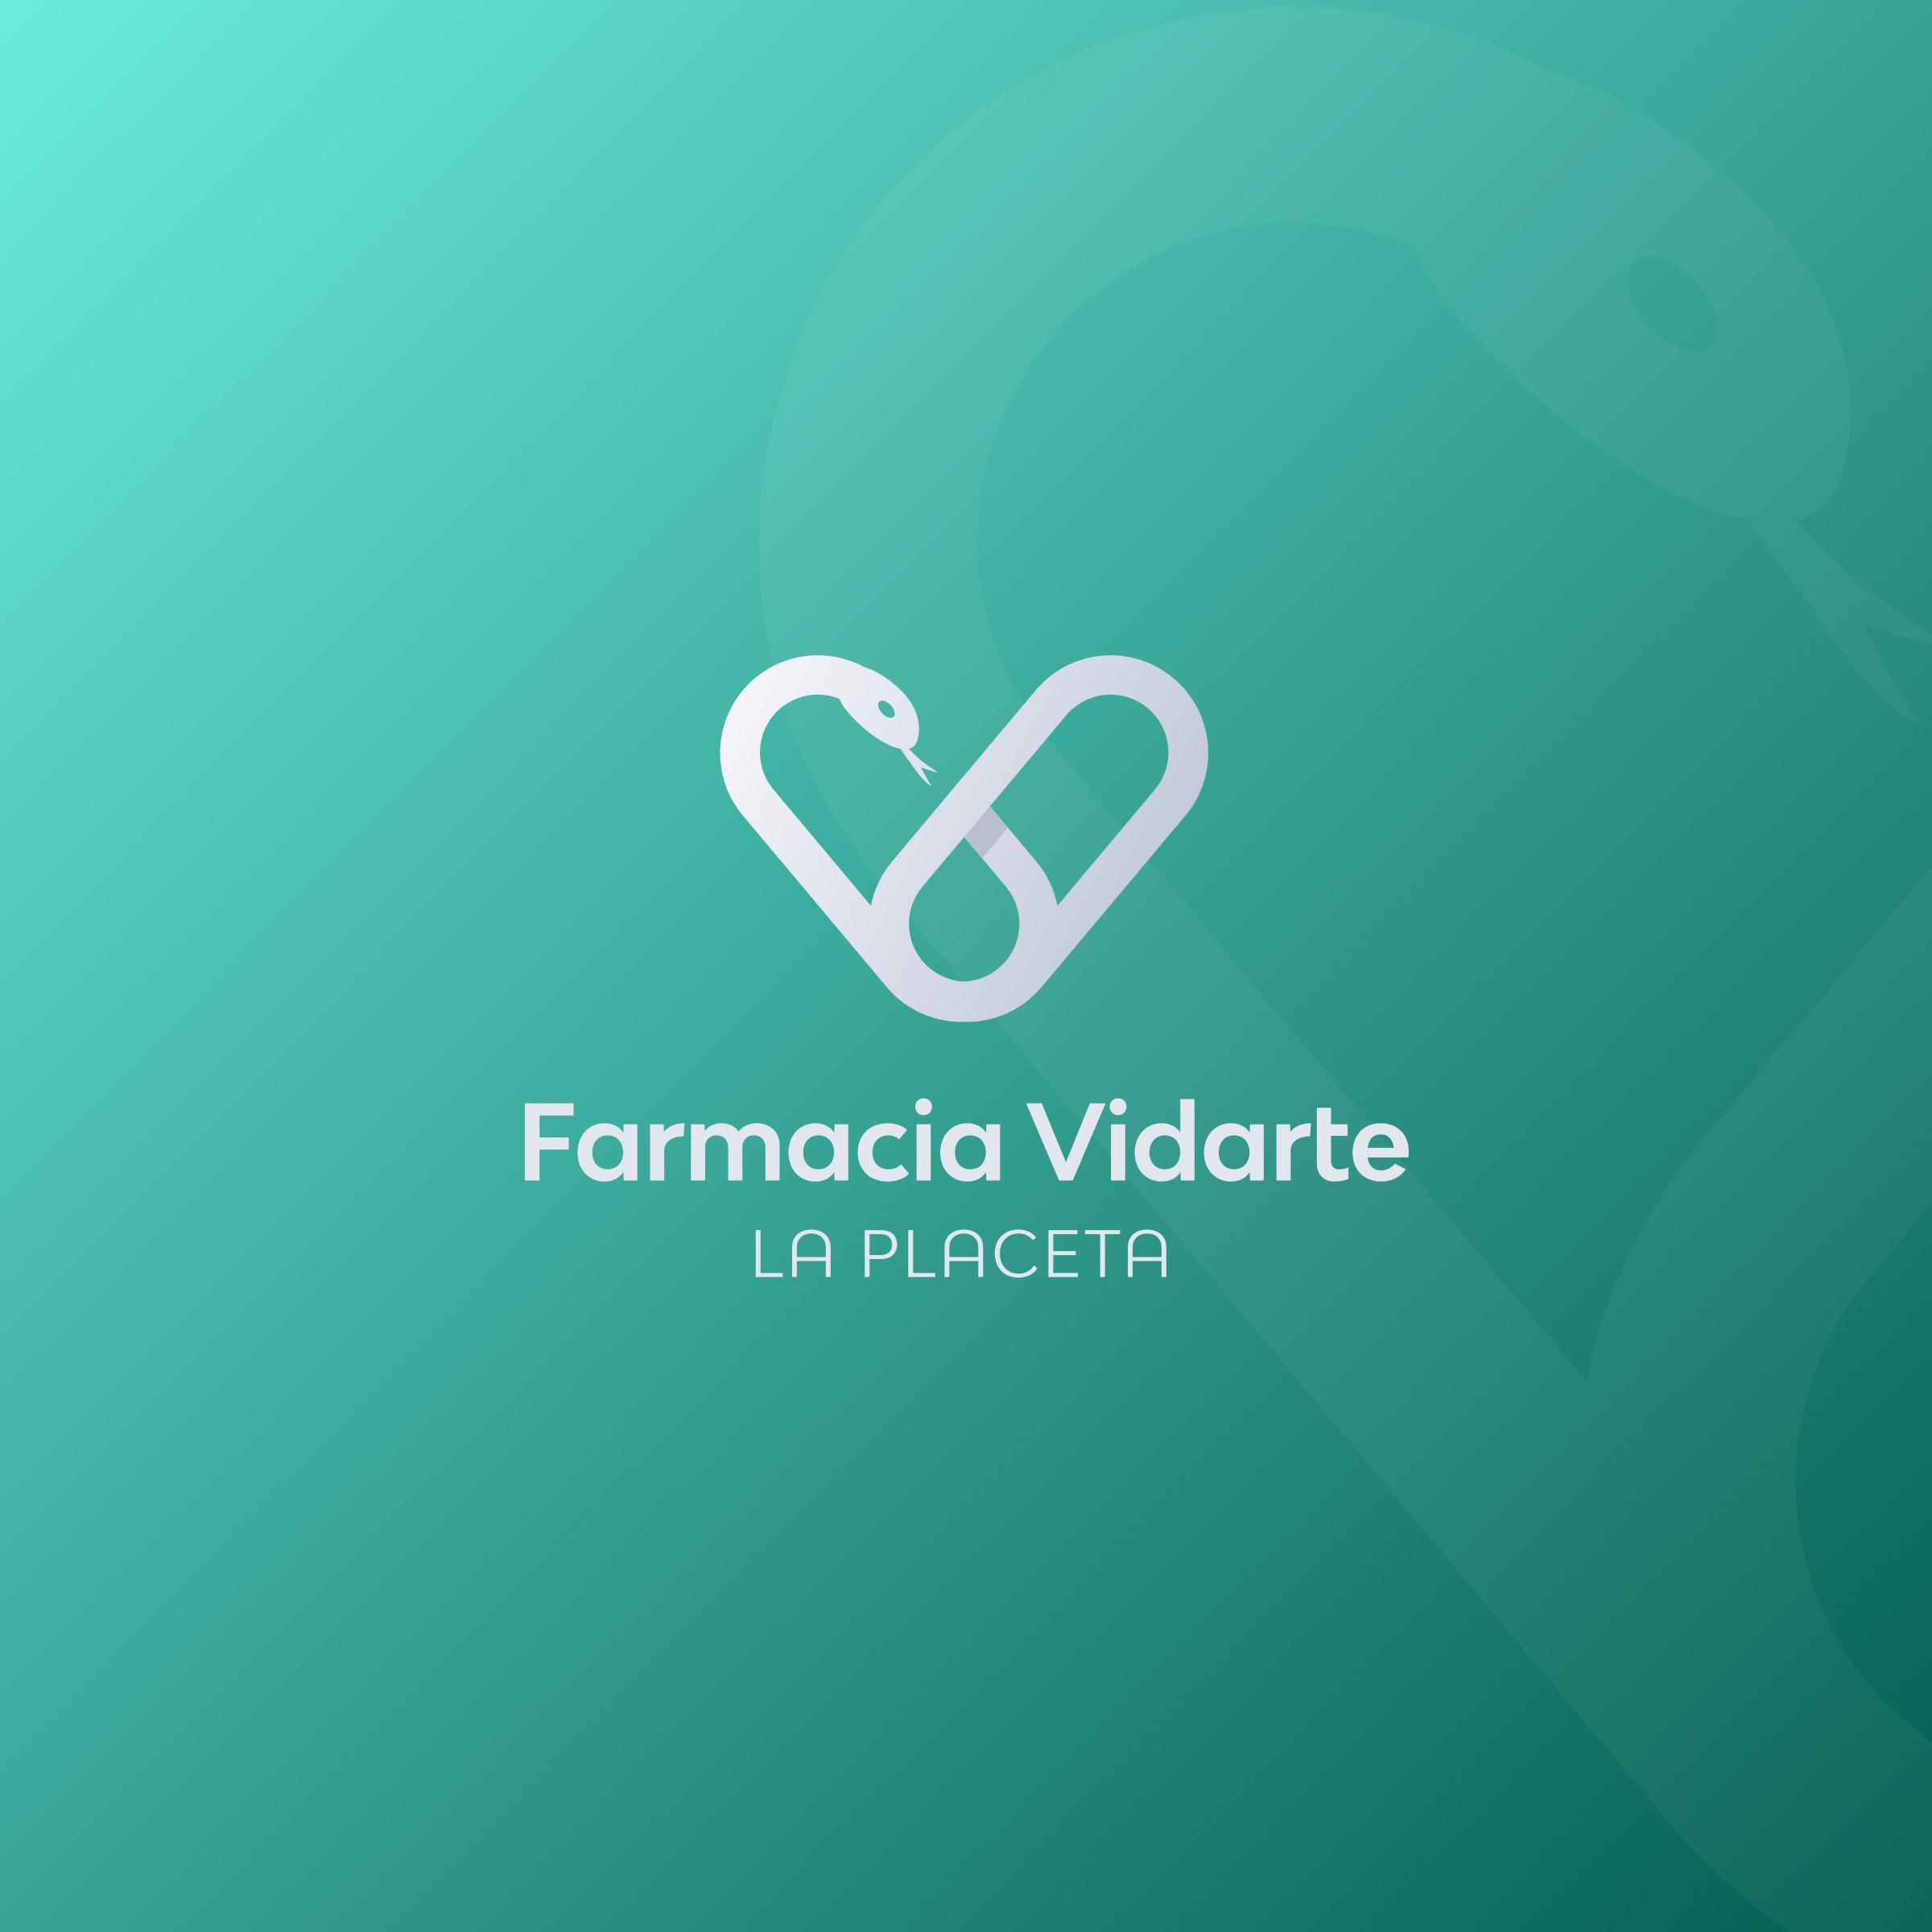 vidarte-logo-wordmark-1x1